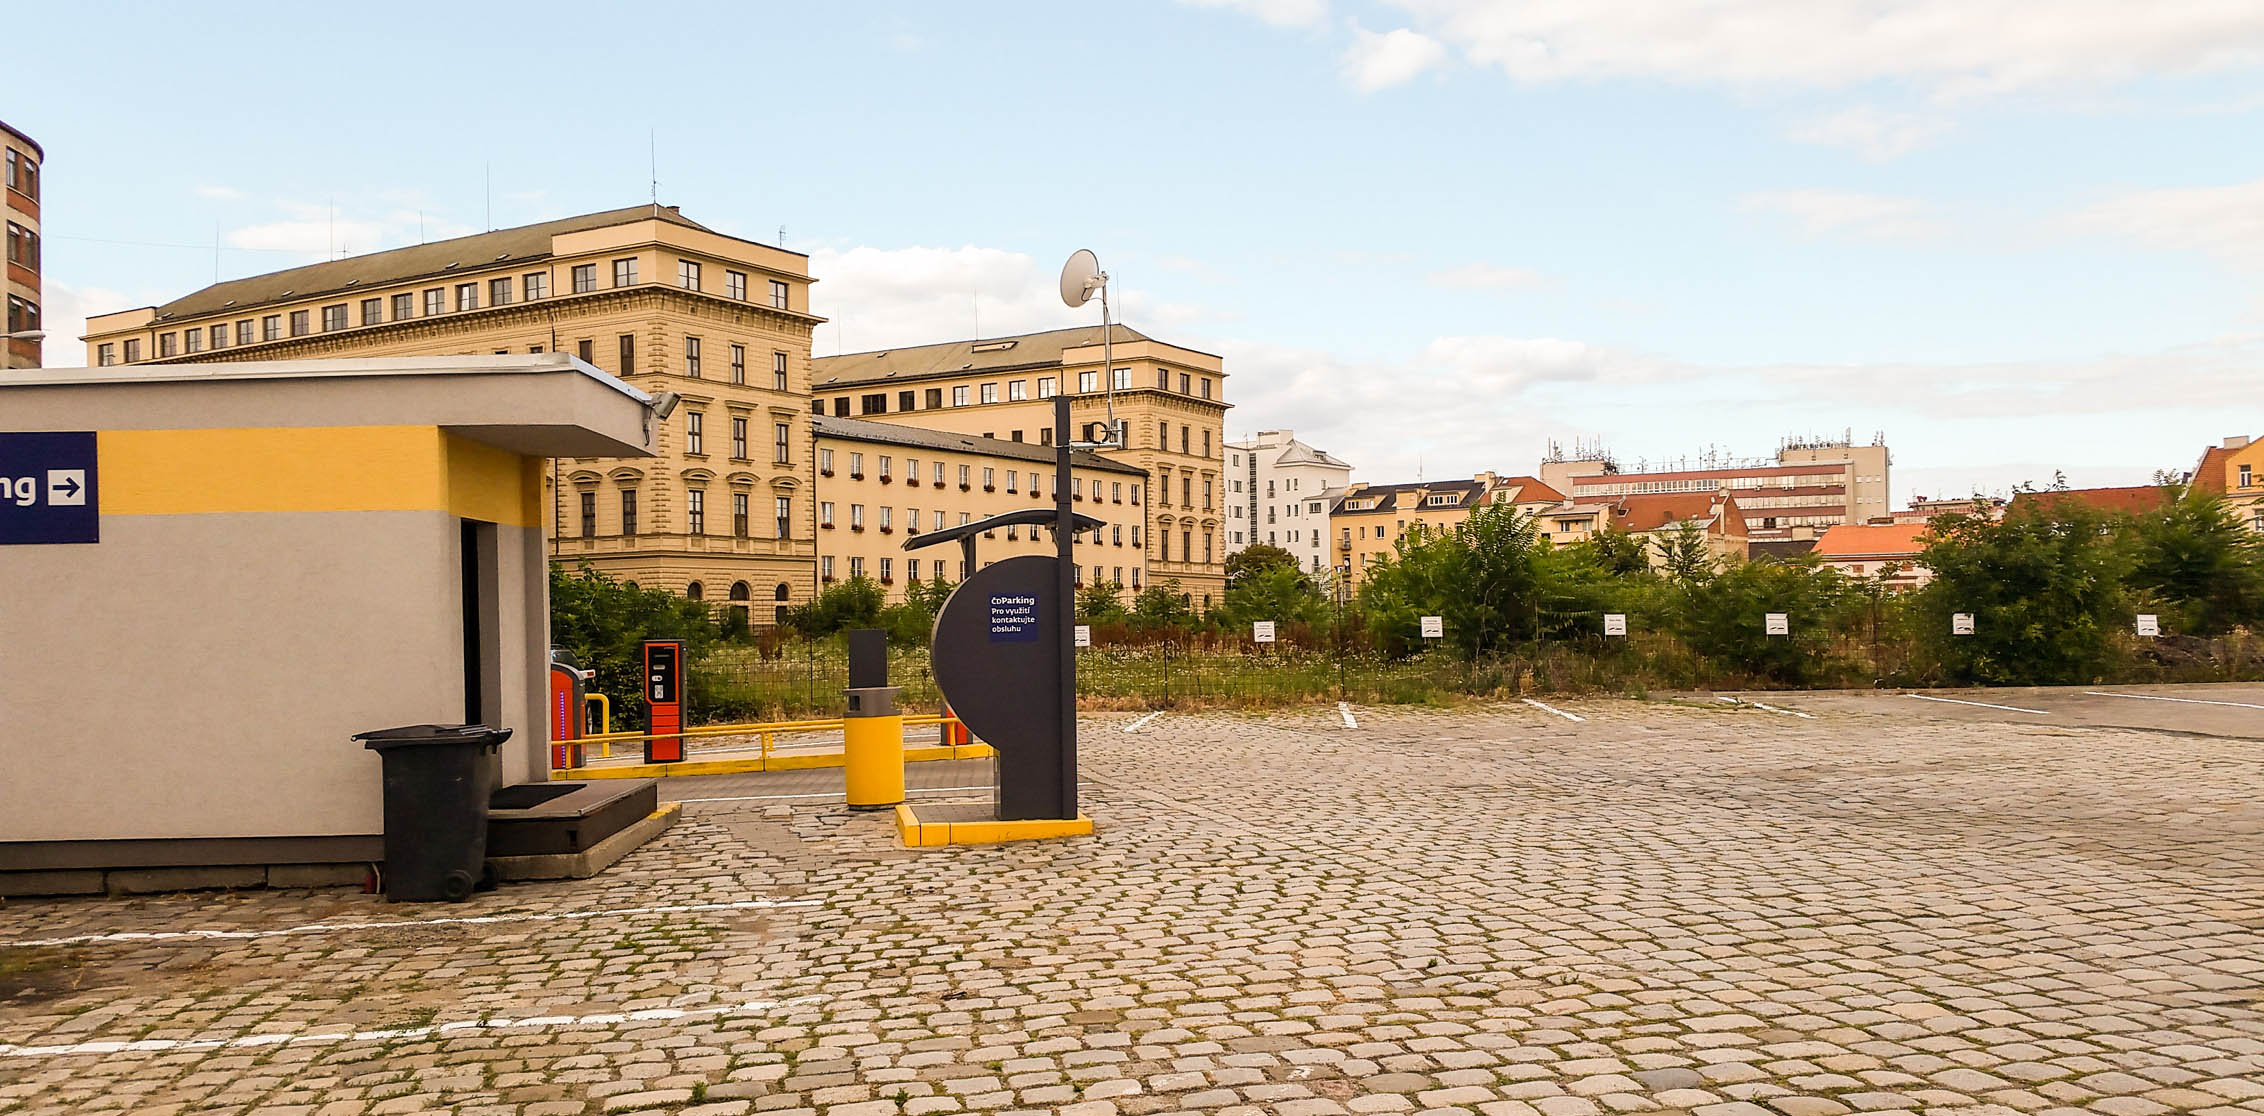 Plocha CD Paláce v 6.2018, zatím parkoviště